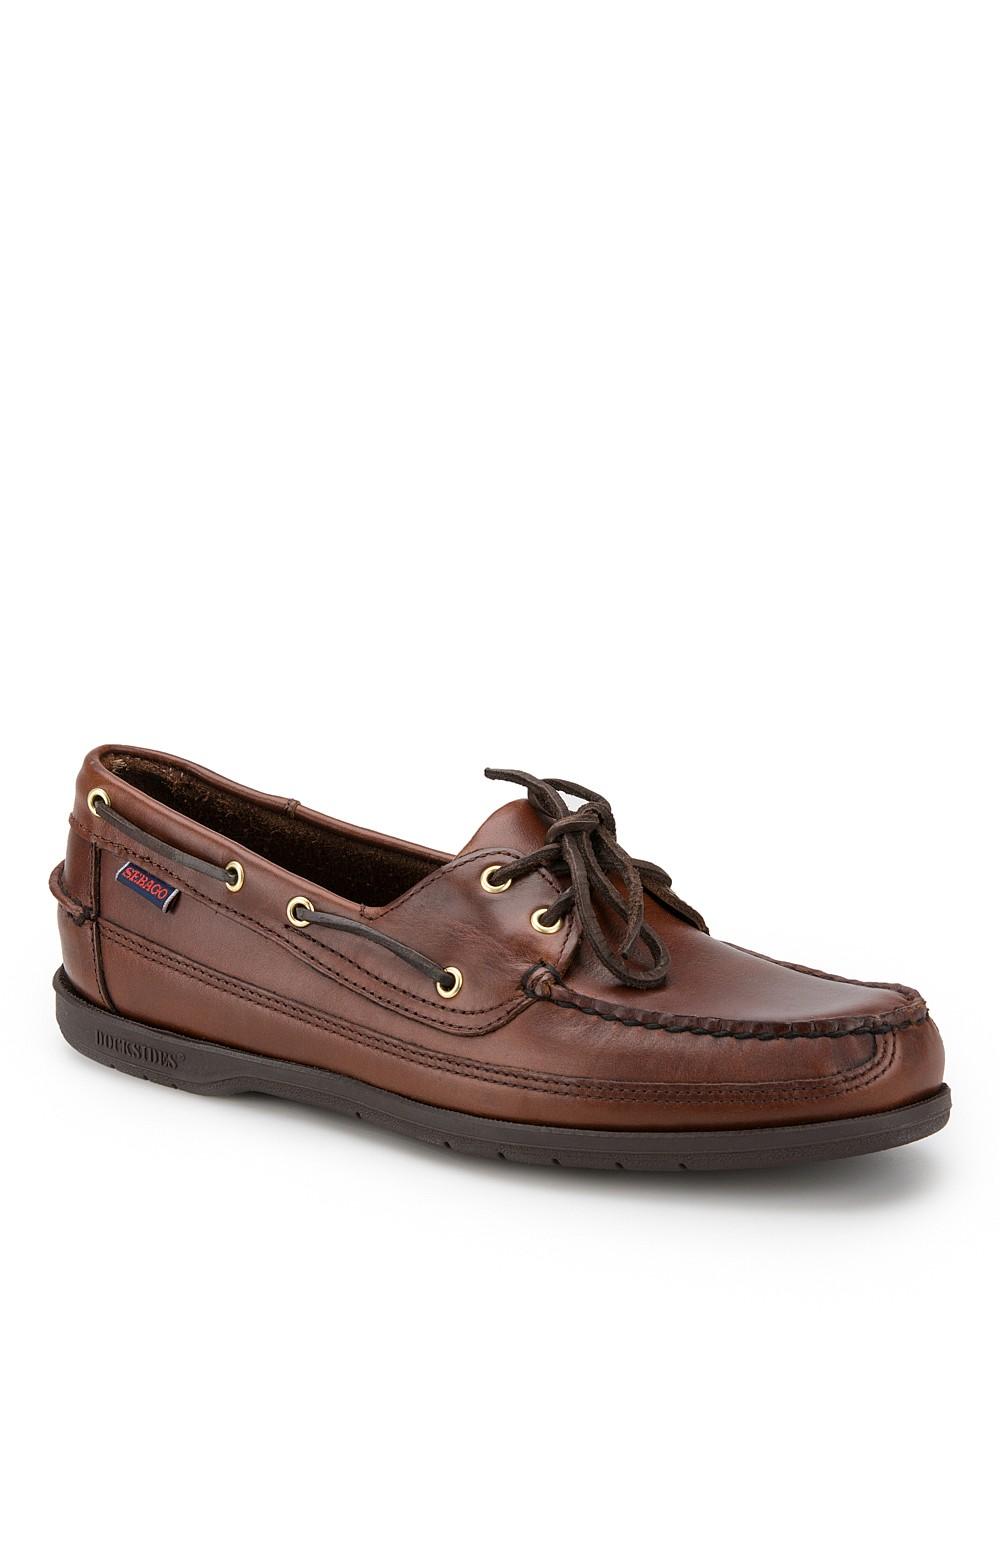 06315dff47 Sebago Boat Shoes - House of Bruar